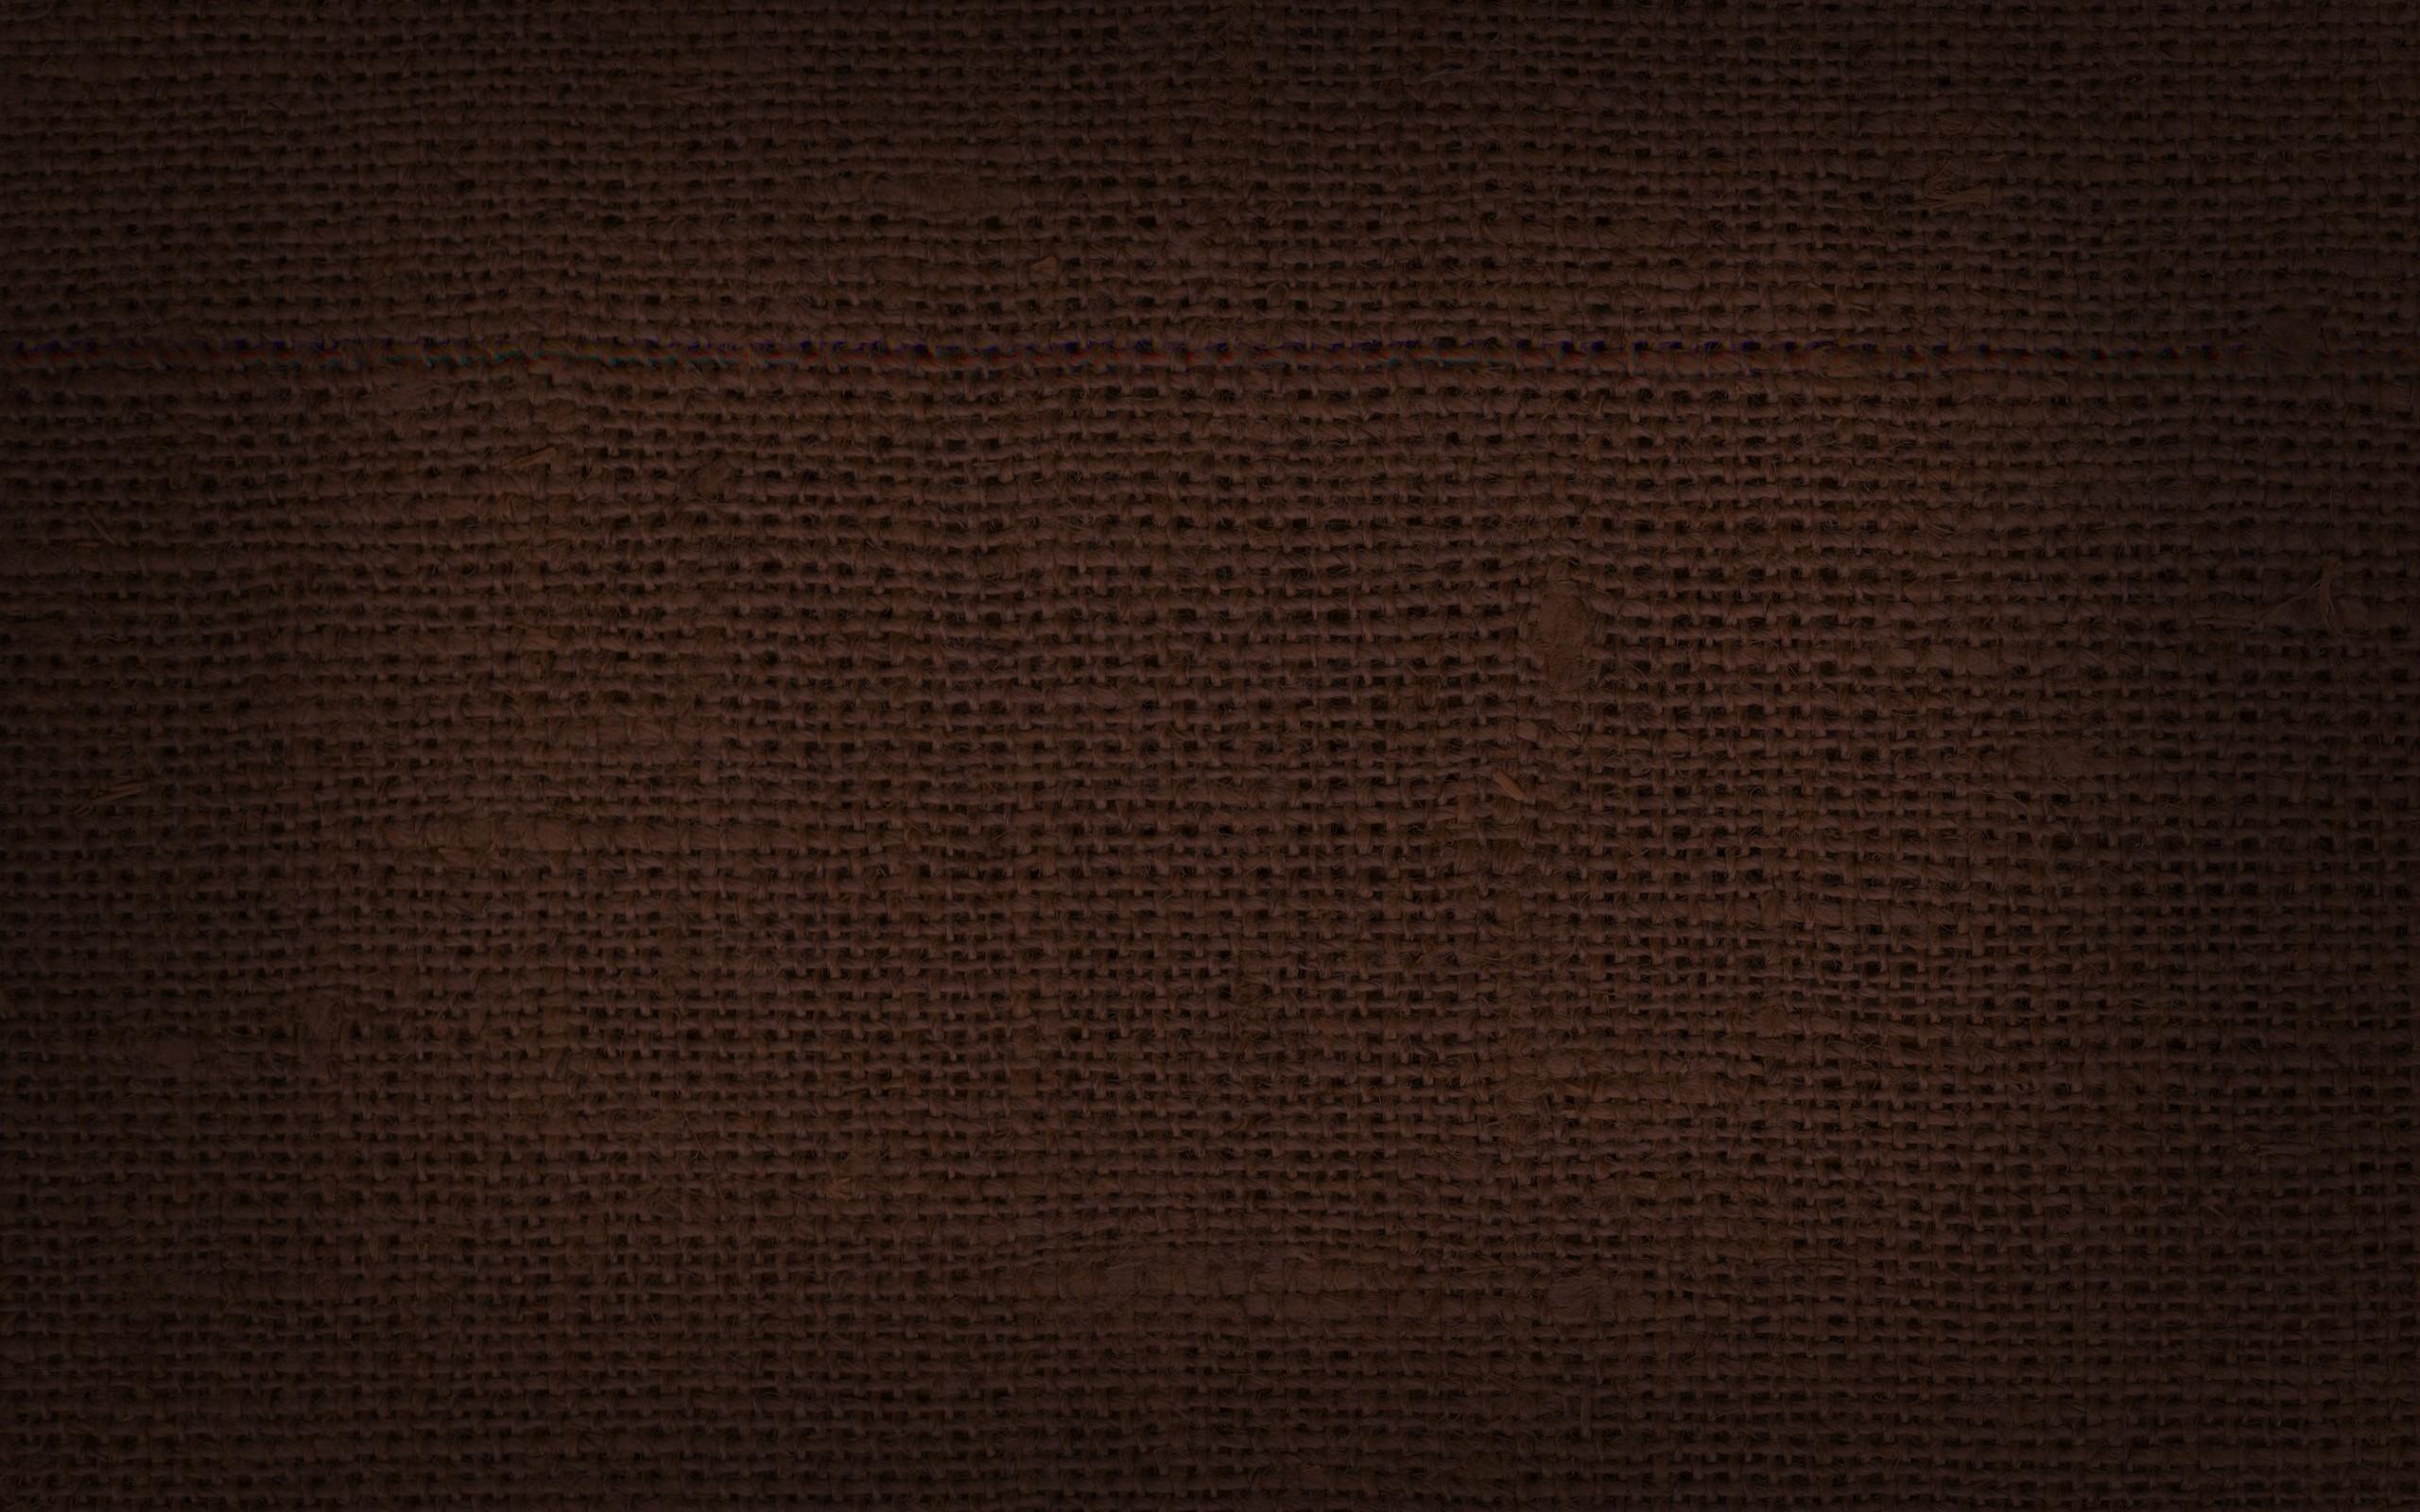 Hintergrundbilder schwarz dunkel holz braun muster for Tapete muster braun